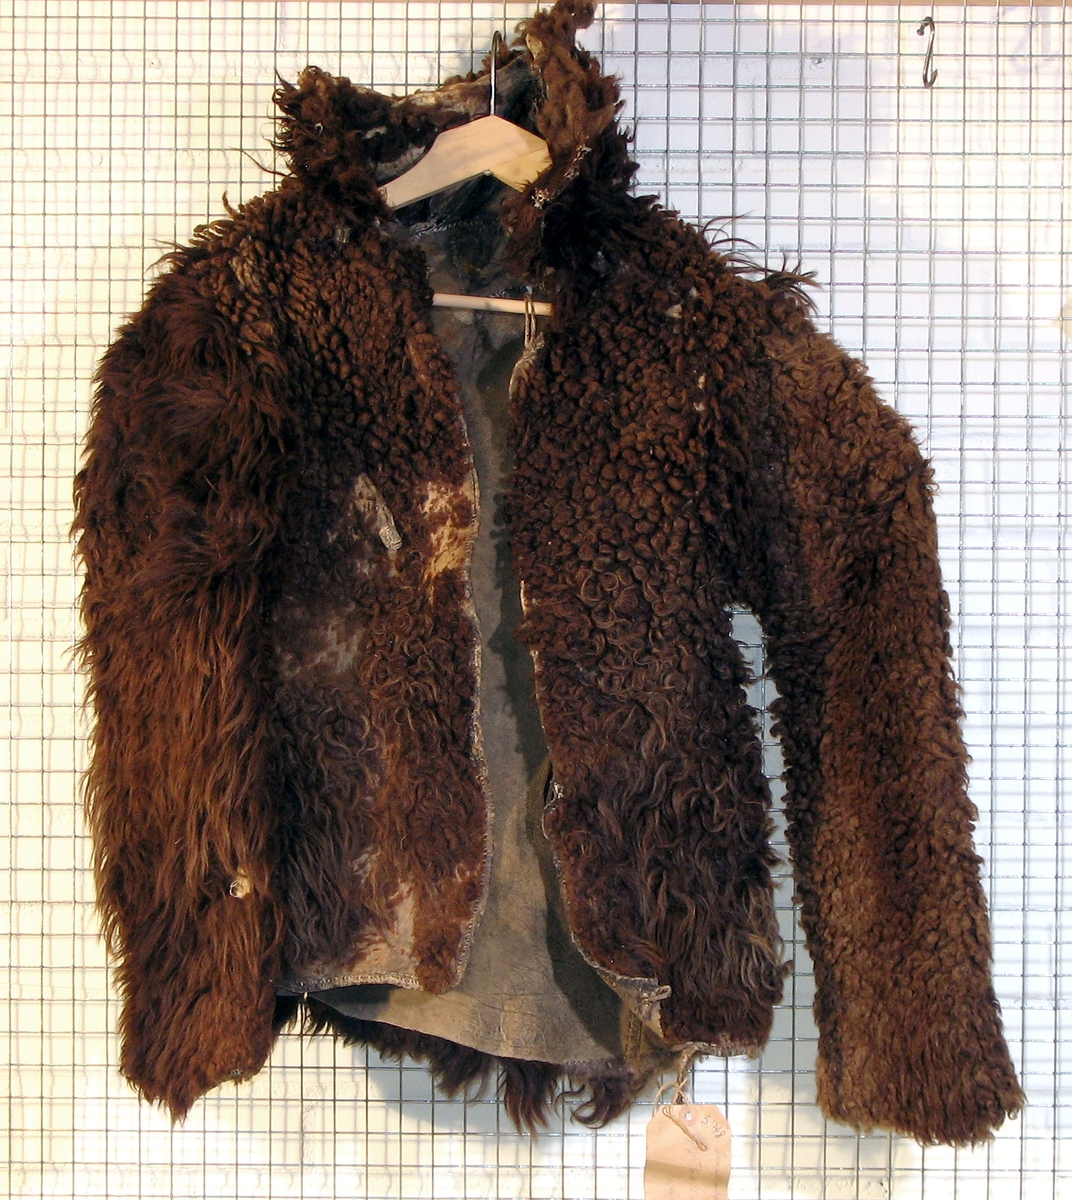 Pelsjakke.  Kjøpt på auksjon på Sætersmoen.  Krage av dyretshode.  Frysebehandlet 2007.